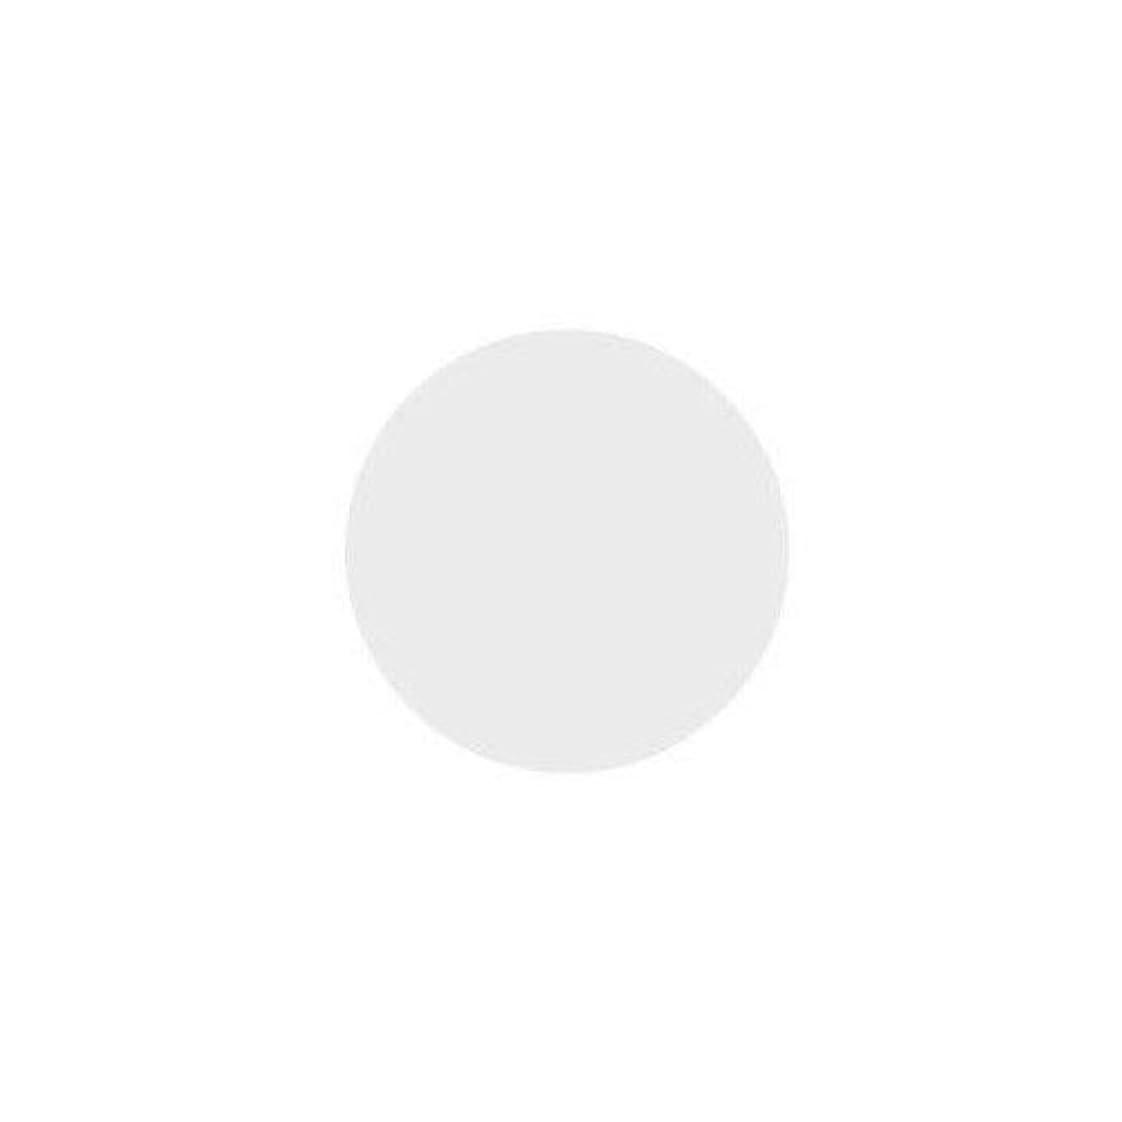 フォーカス服を片付ける医師バイオスカルプチュア(バイオジェル) カラージェル 〔4g〕 (1) 1:フレンチホワイト